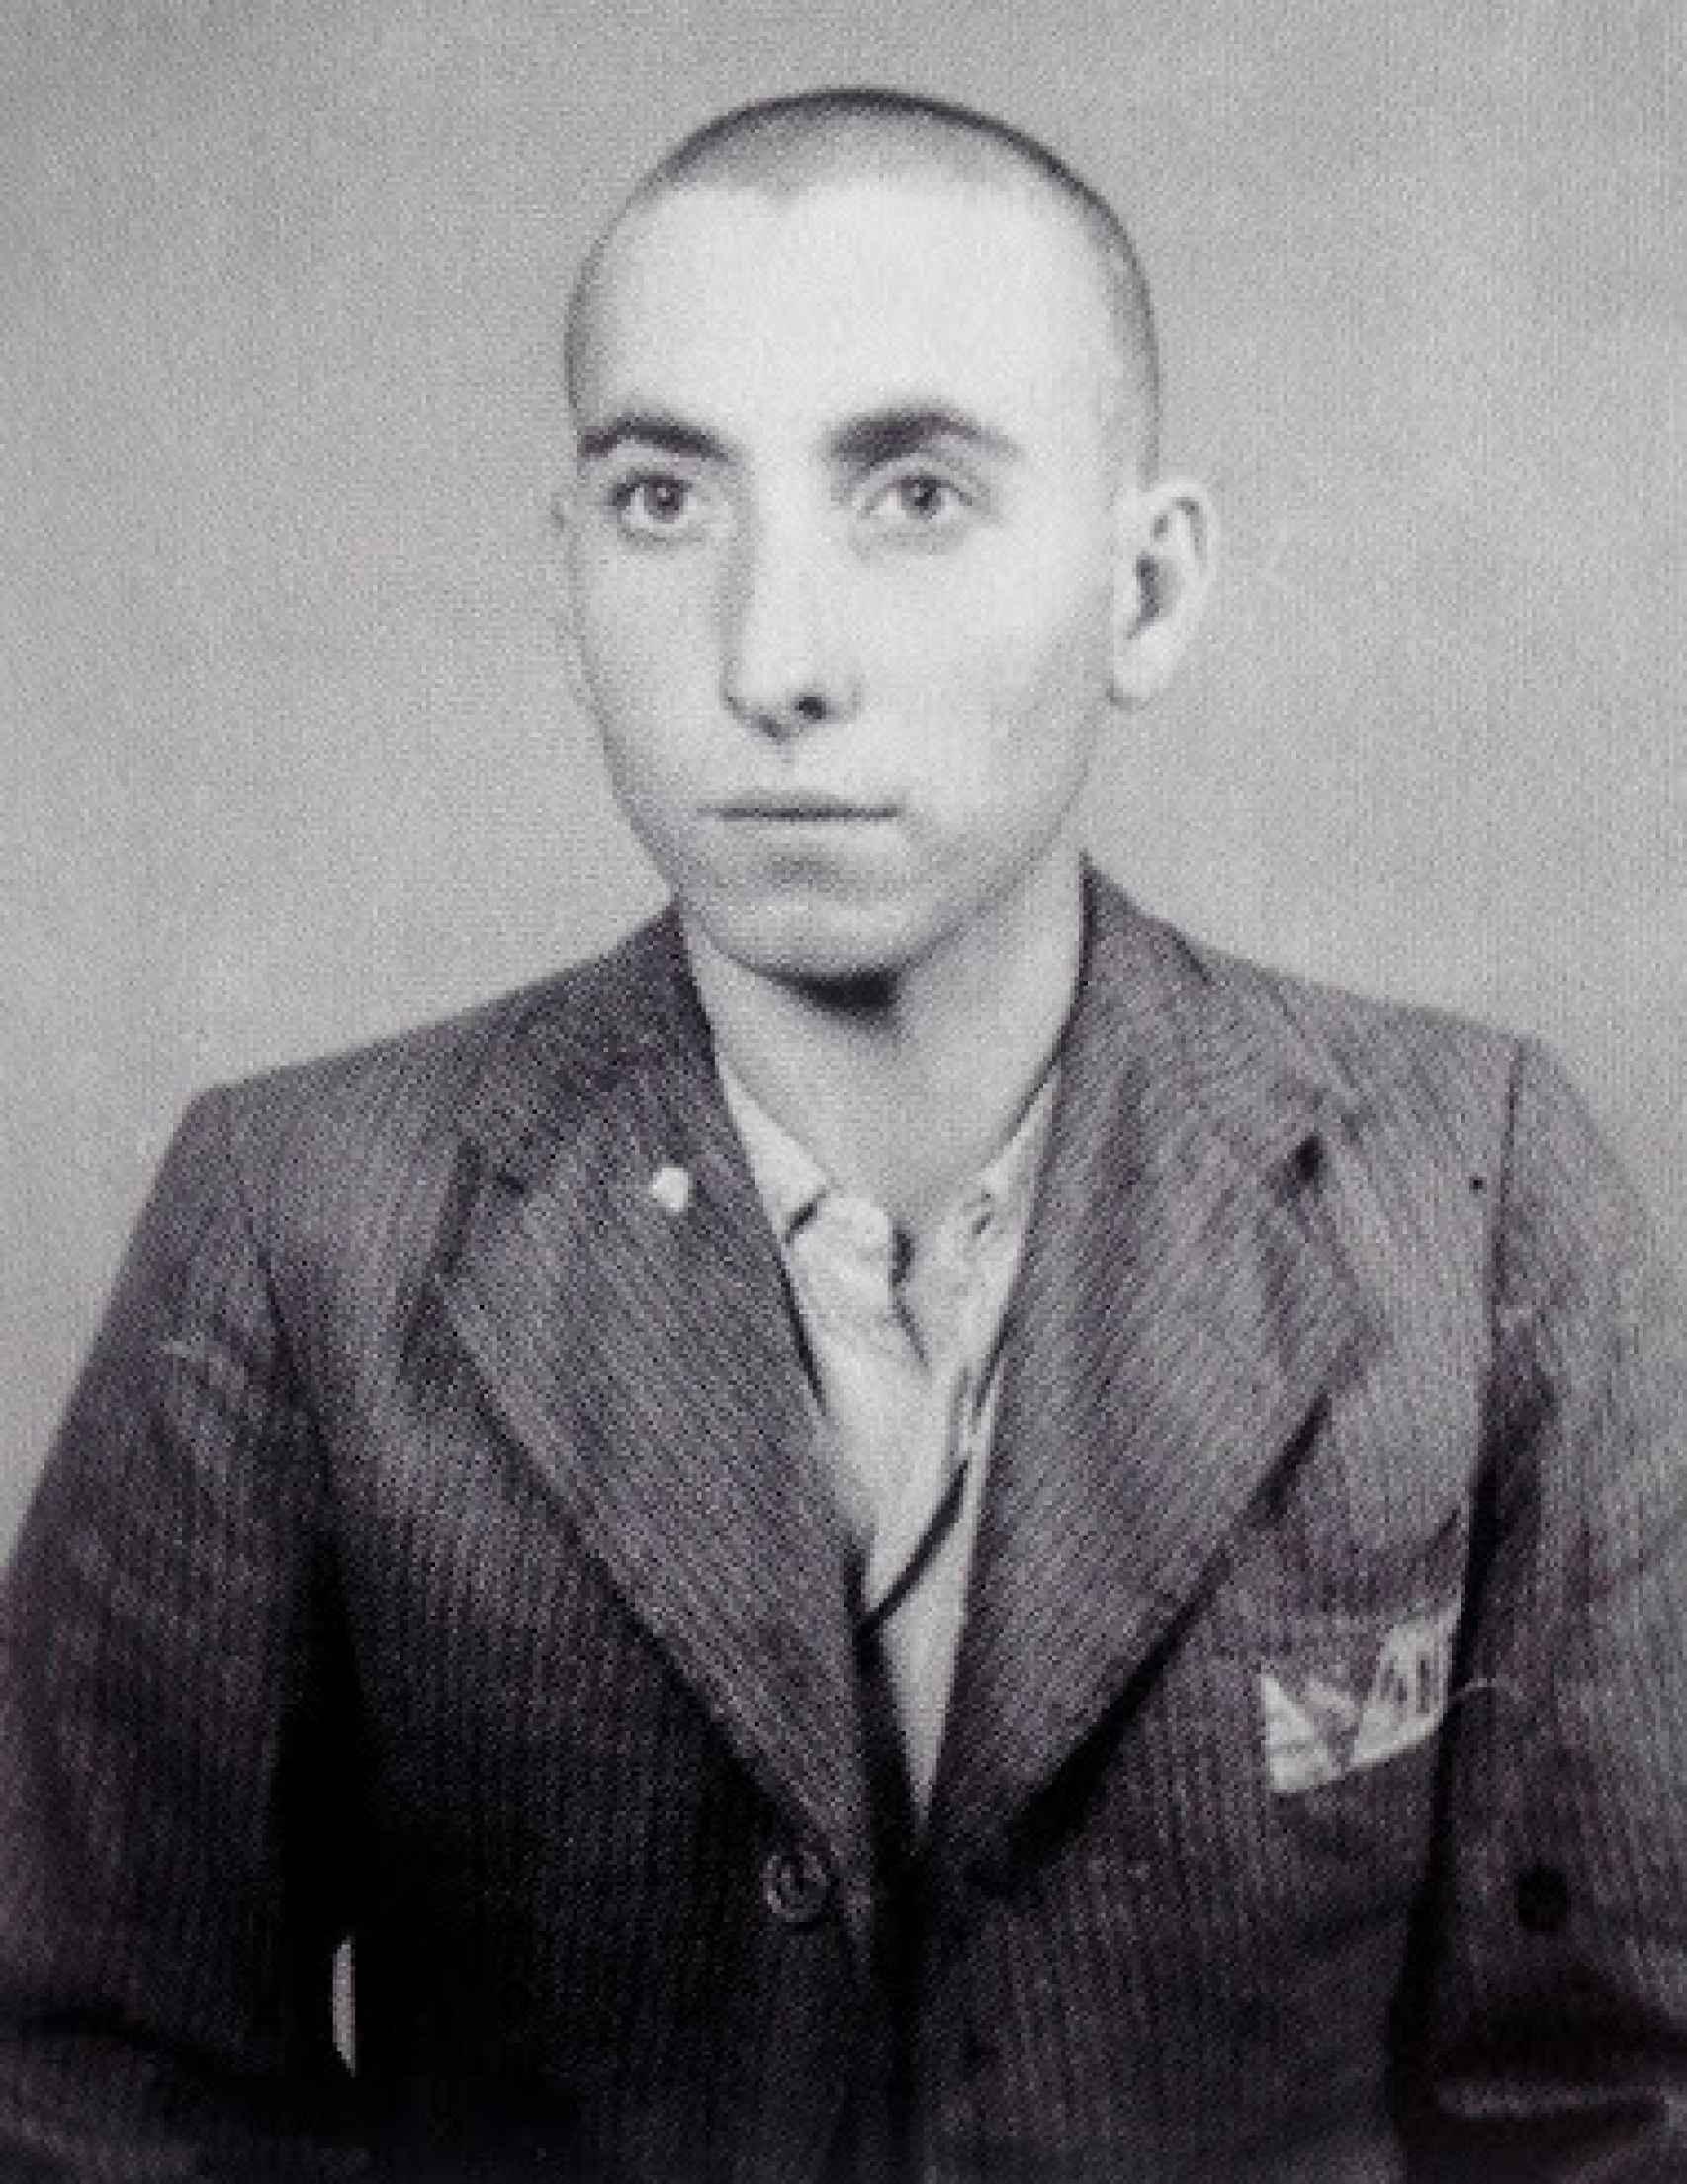 José Alcubierre, superviviente de Mauthausen, quien llegó allí a la edad de 14 años junto con su padre, quien no pudo sobrevivir.